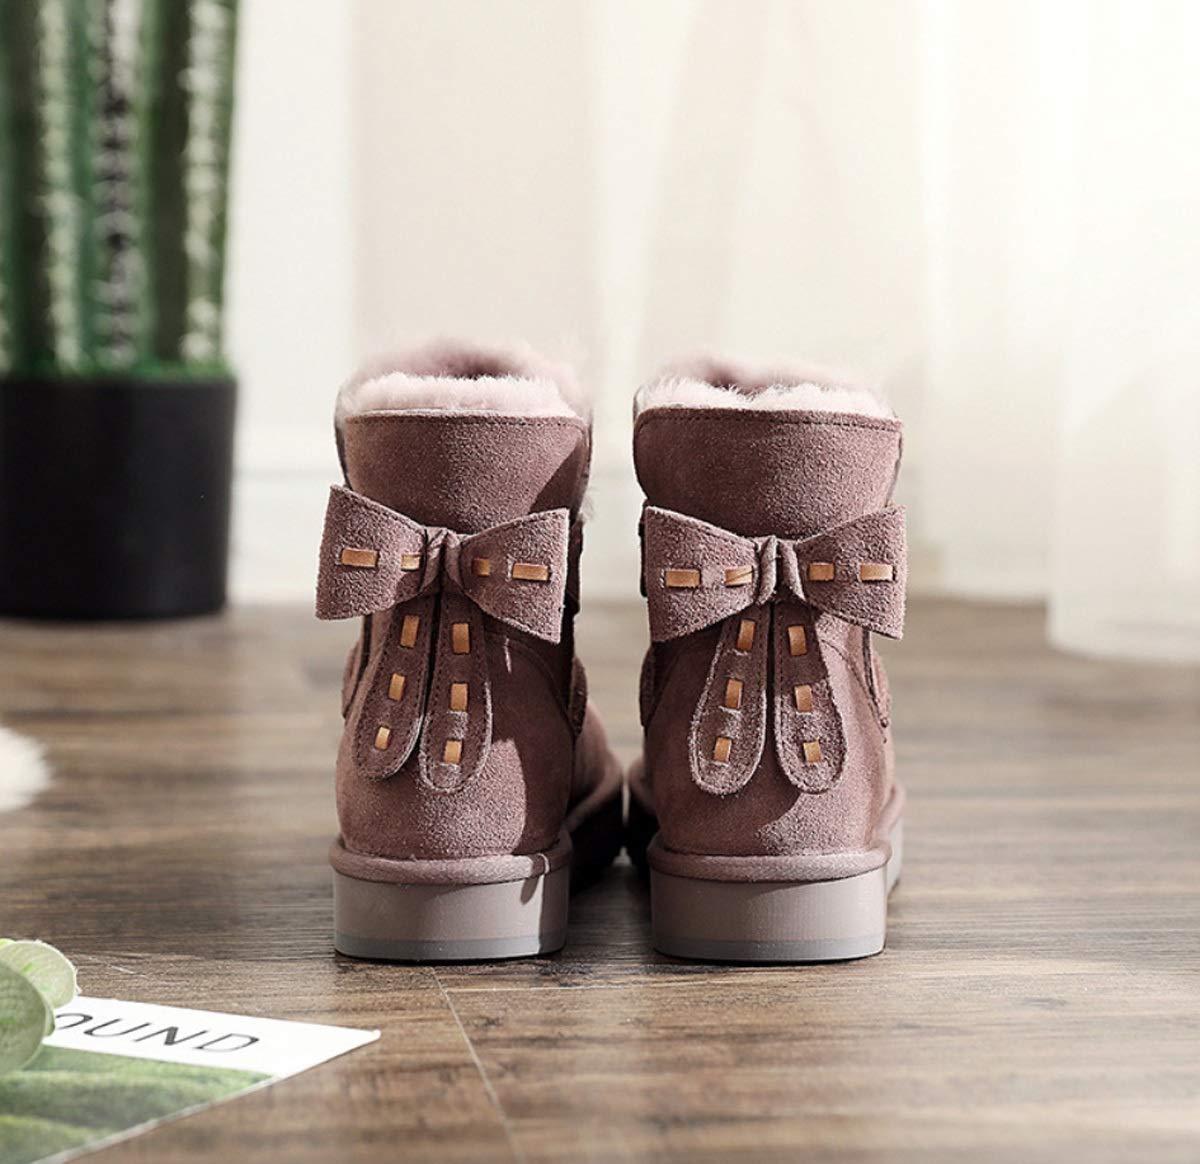 DANDANJIE DANDANJIE DANDANJIE damen Stiefel mit flachen Ferse Nette Bow-Knoten Schneeschuhe für 2018 Winter warm halten Rutschfeste Stiefeletten 50b02e